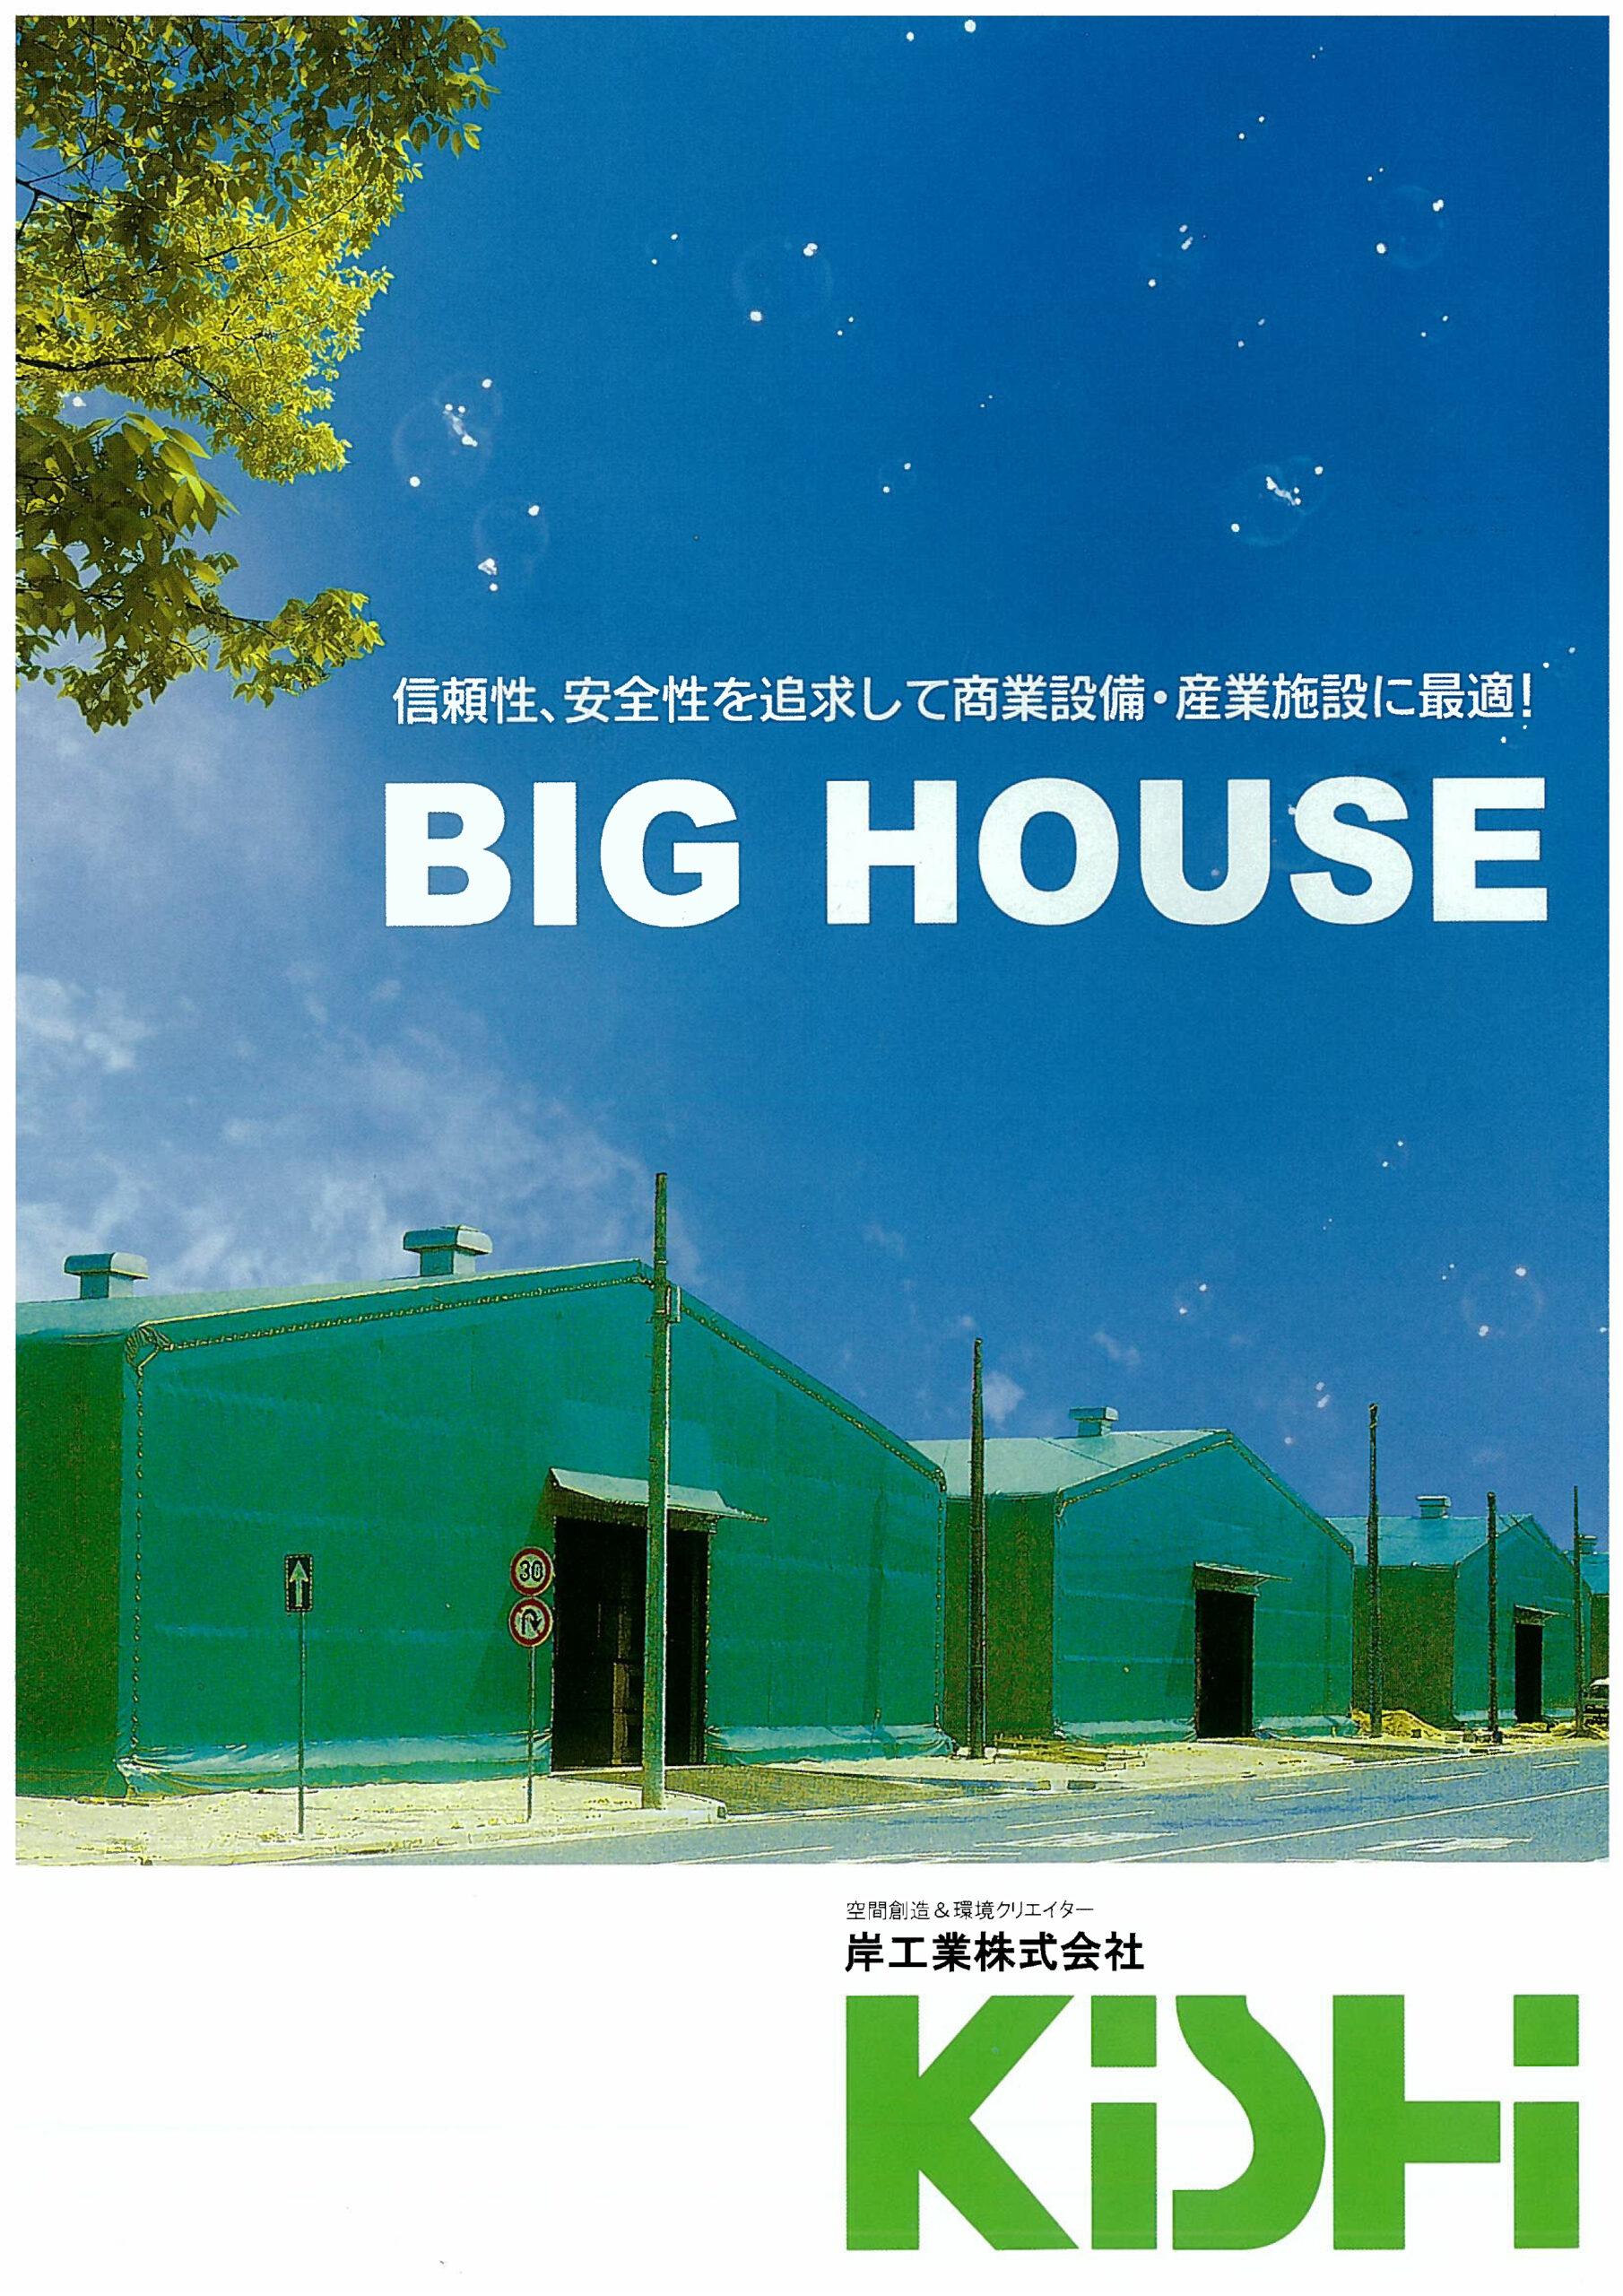 BIG HOUSE(テント倉庫)製品カタログ